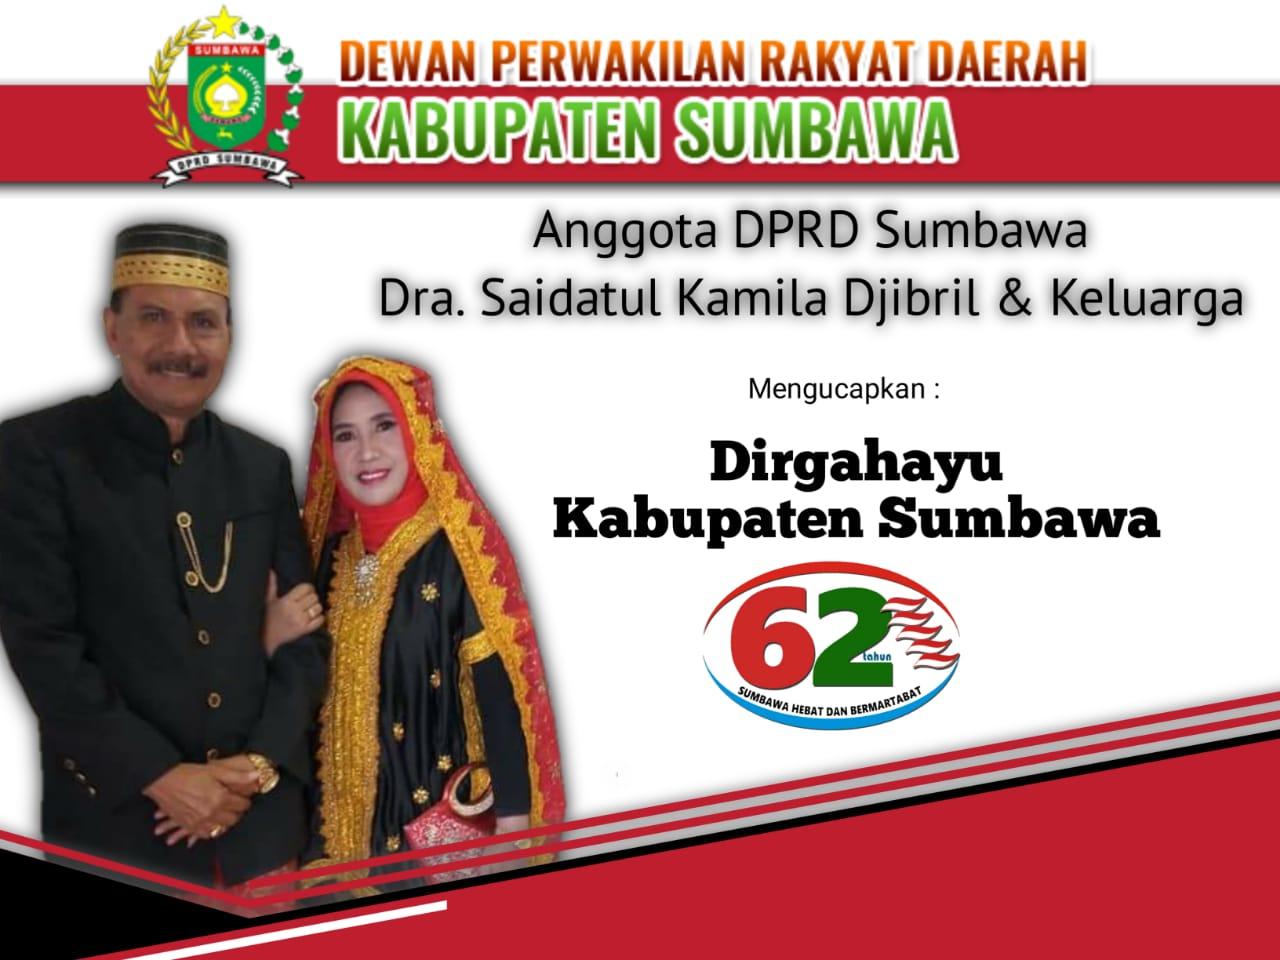 Anggota DPRD Sumbawa Fraksi PDIP Mengucapkan Selamat Ulang Tahun Kabupaten Sumbawa ke – 62